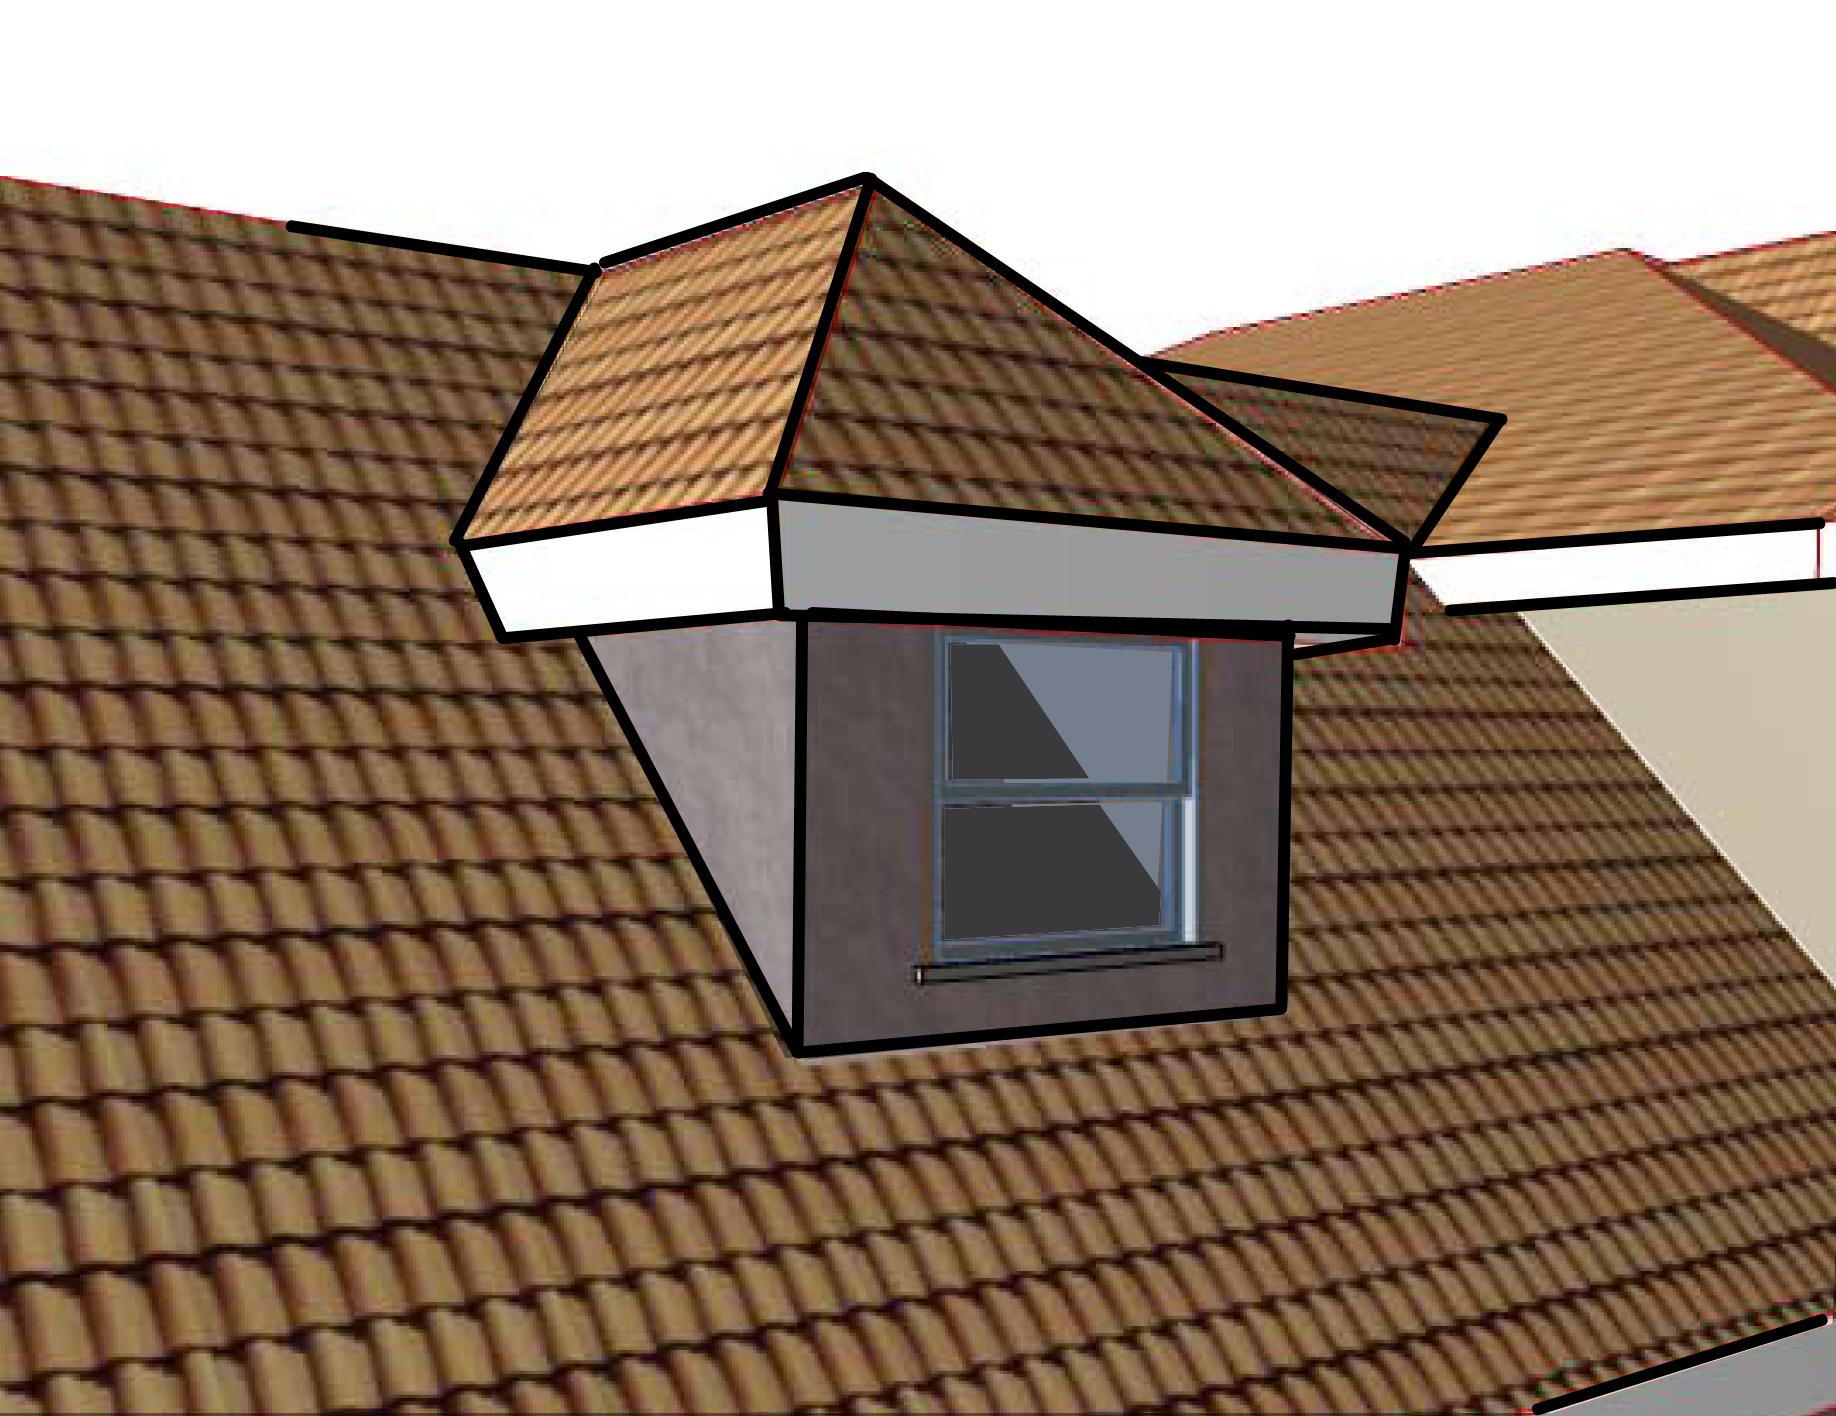 File:Hip roof dormer.jpg - Wikimedia Commons